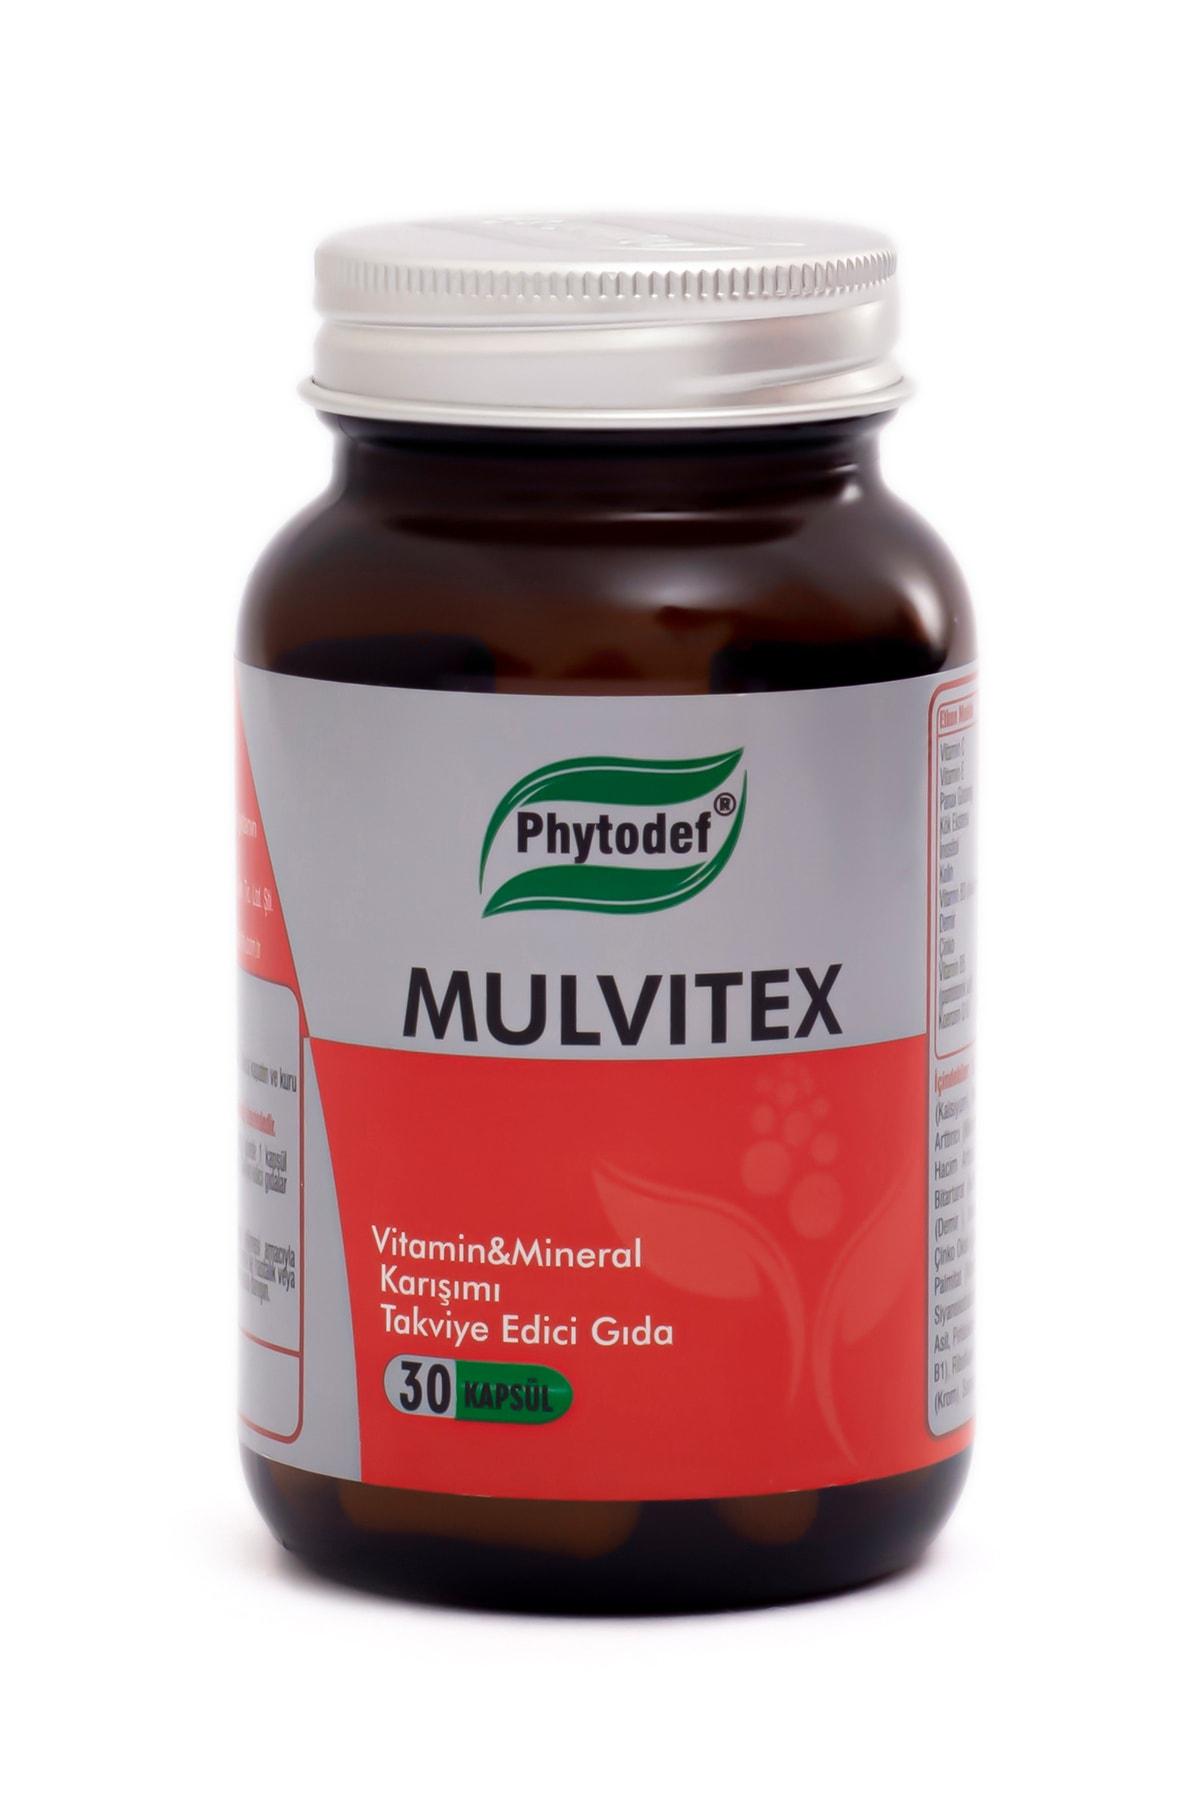 Phytodef Mulvitex Multivitamin - 30 Kapsül 1